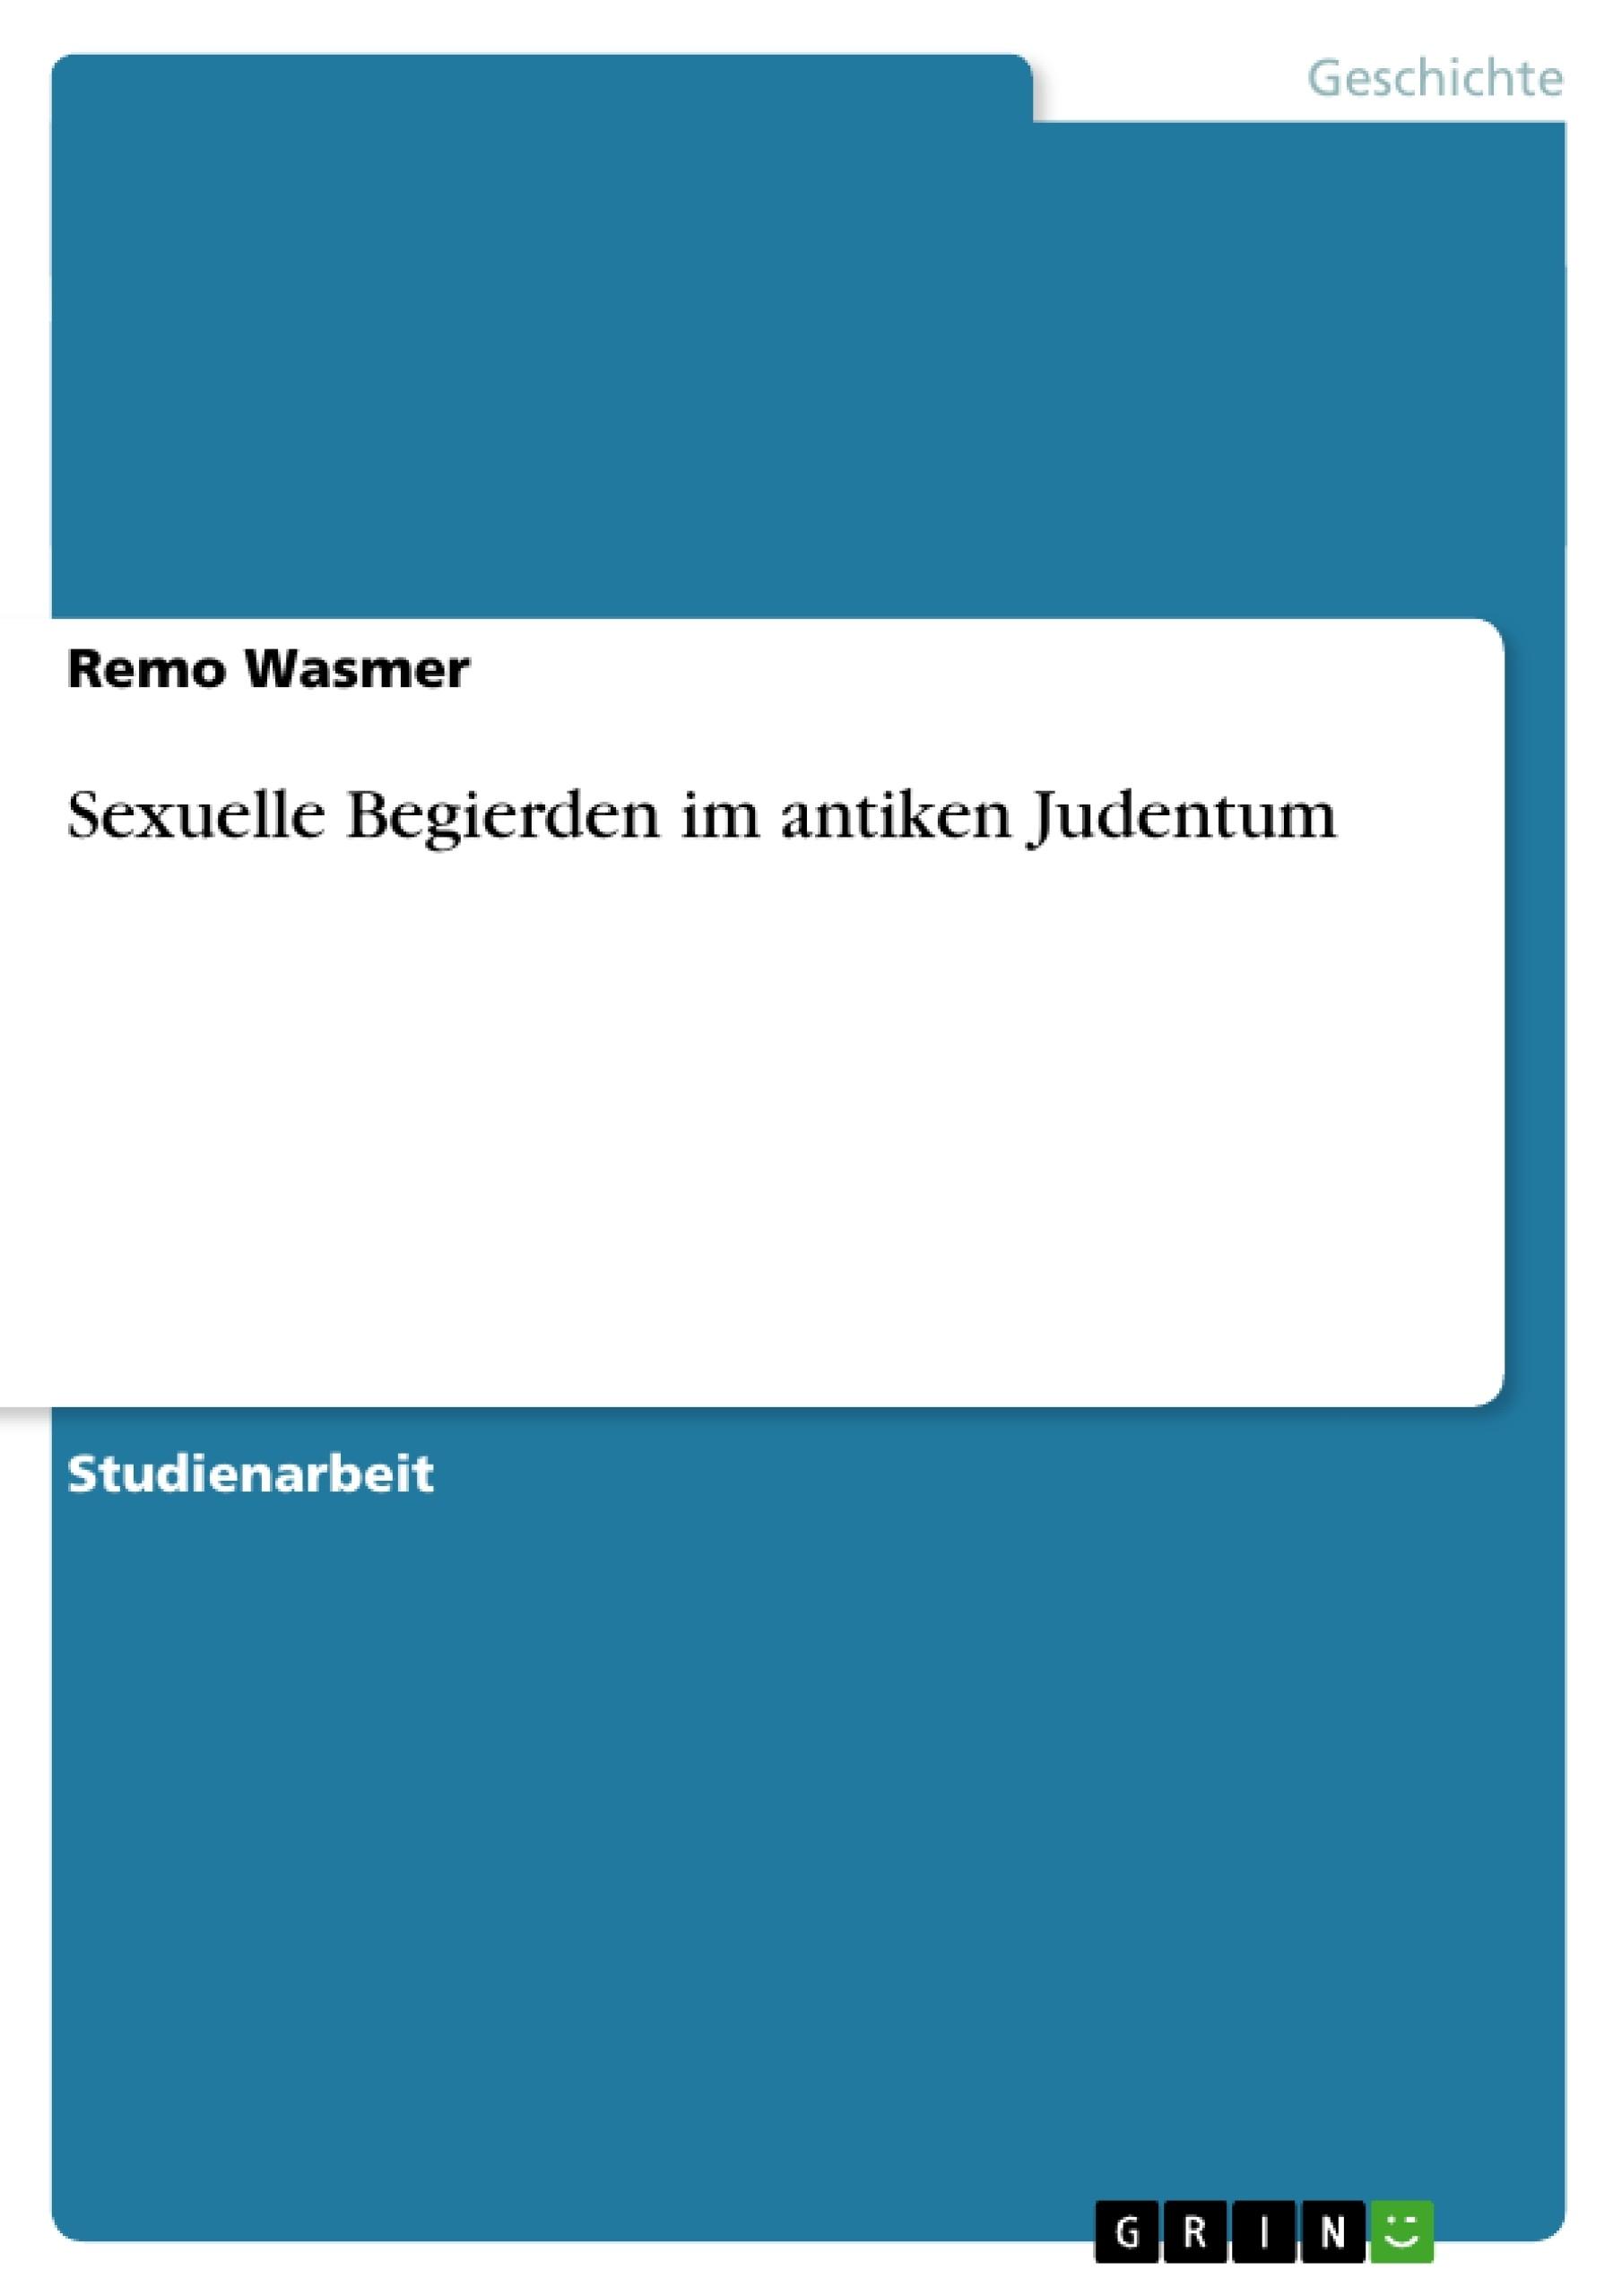 Titel: Sexuelle Begierden im antiken Judentum